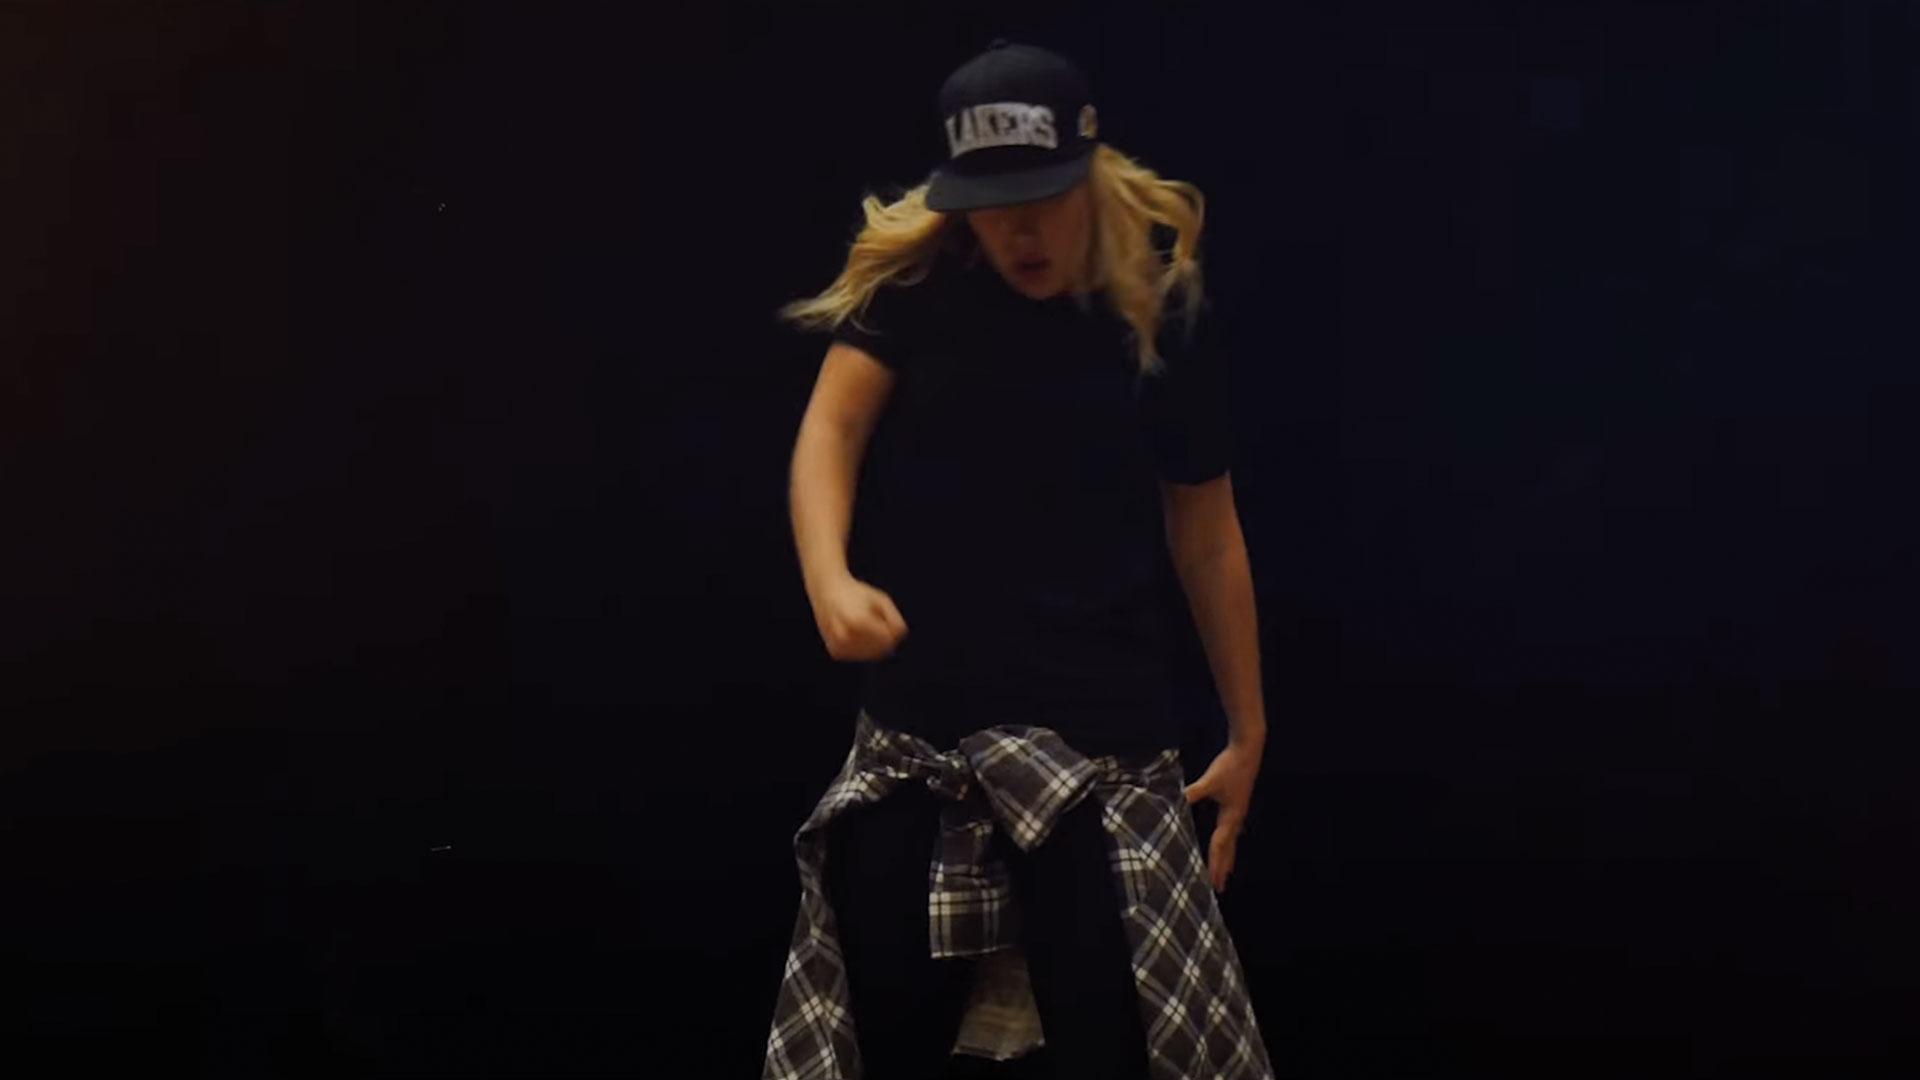 femme qui fait du hip hop